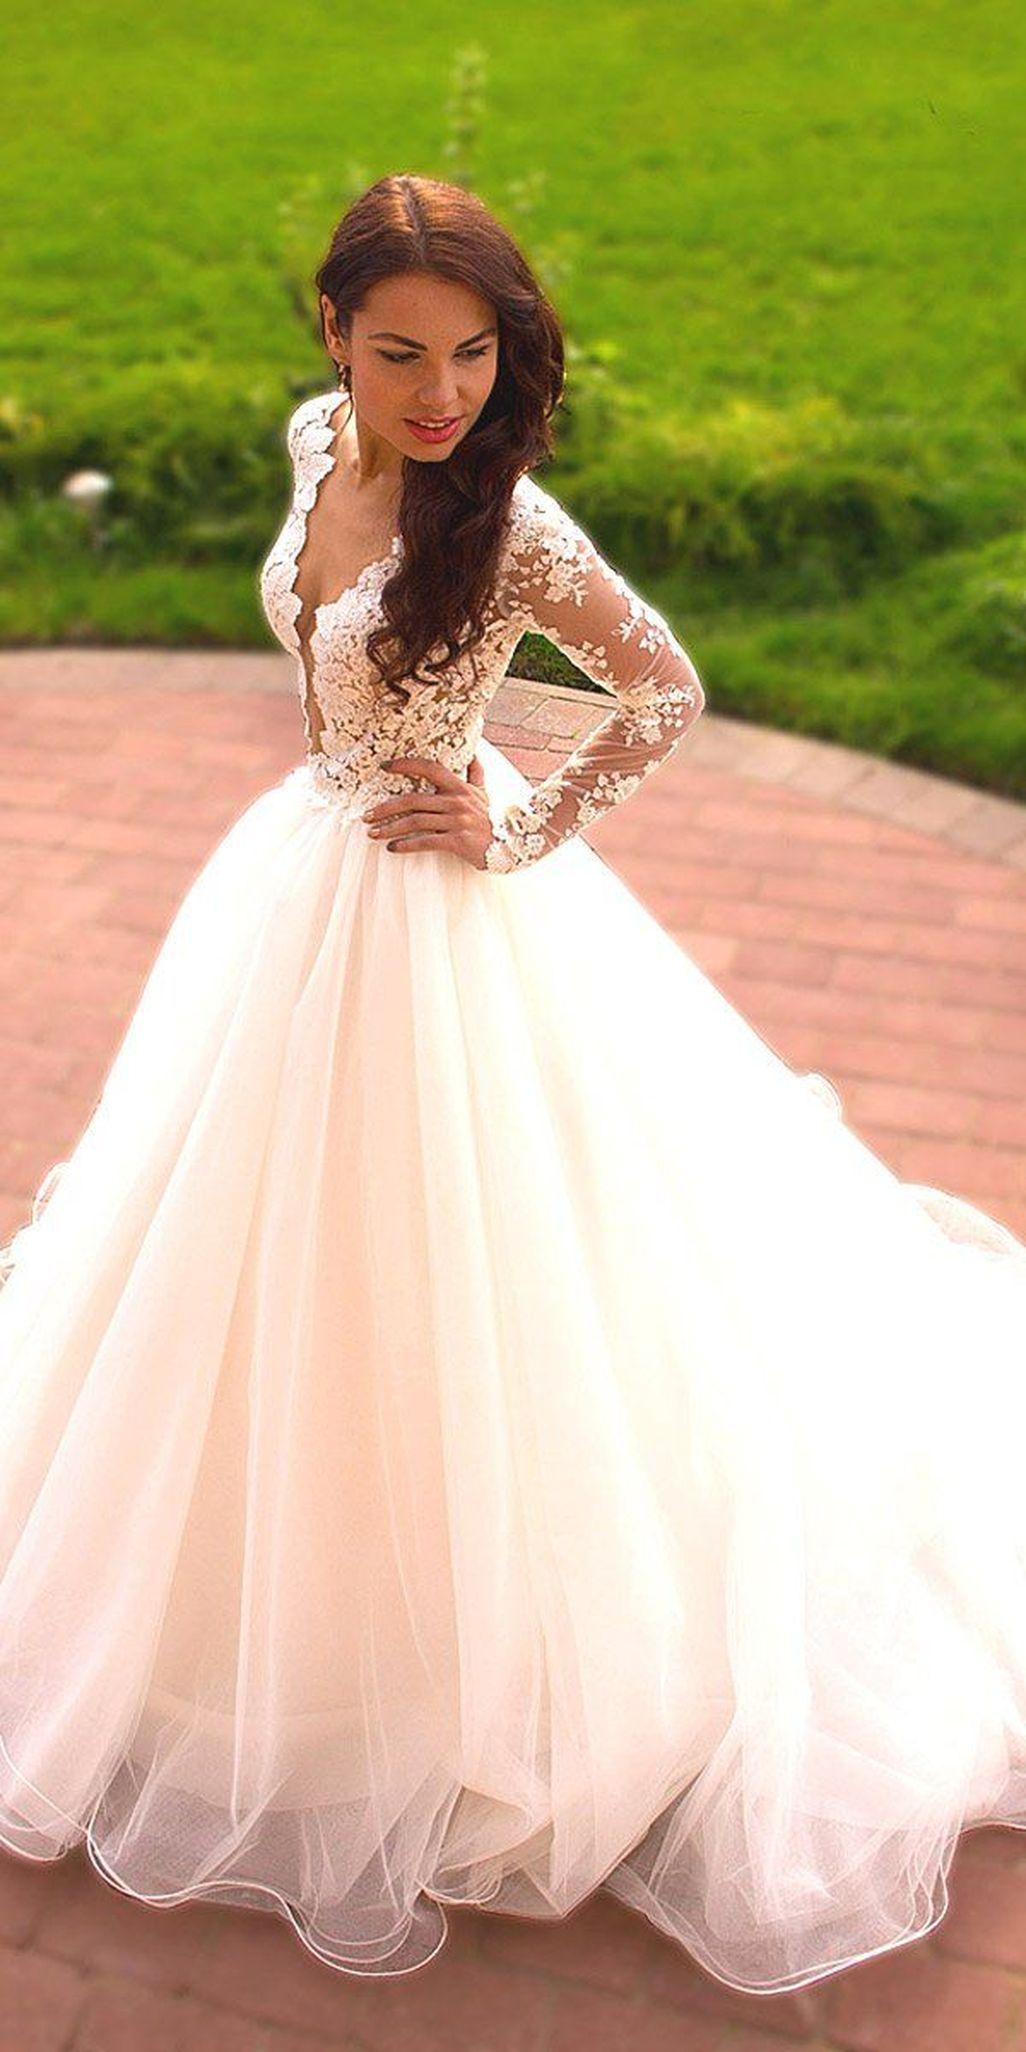 Redneck wedding dress   Elegant And Vintage Lace Wedding Dresses Ideas  uwedding ideas